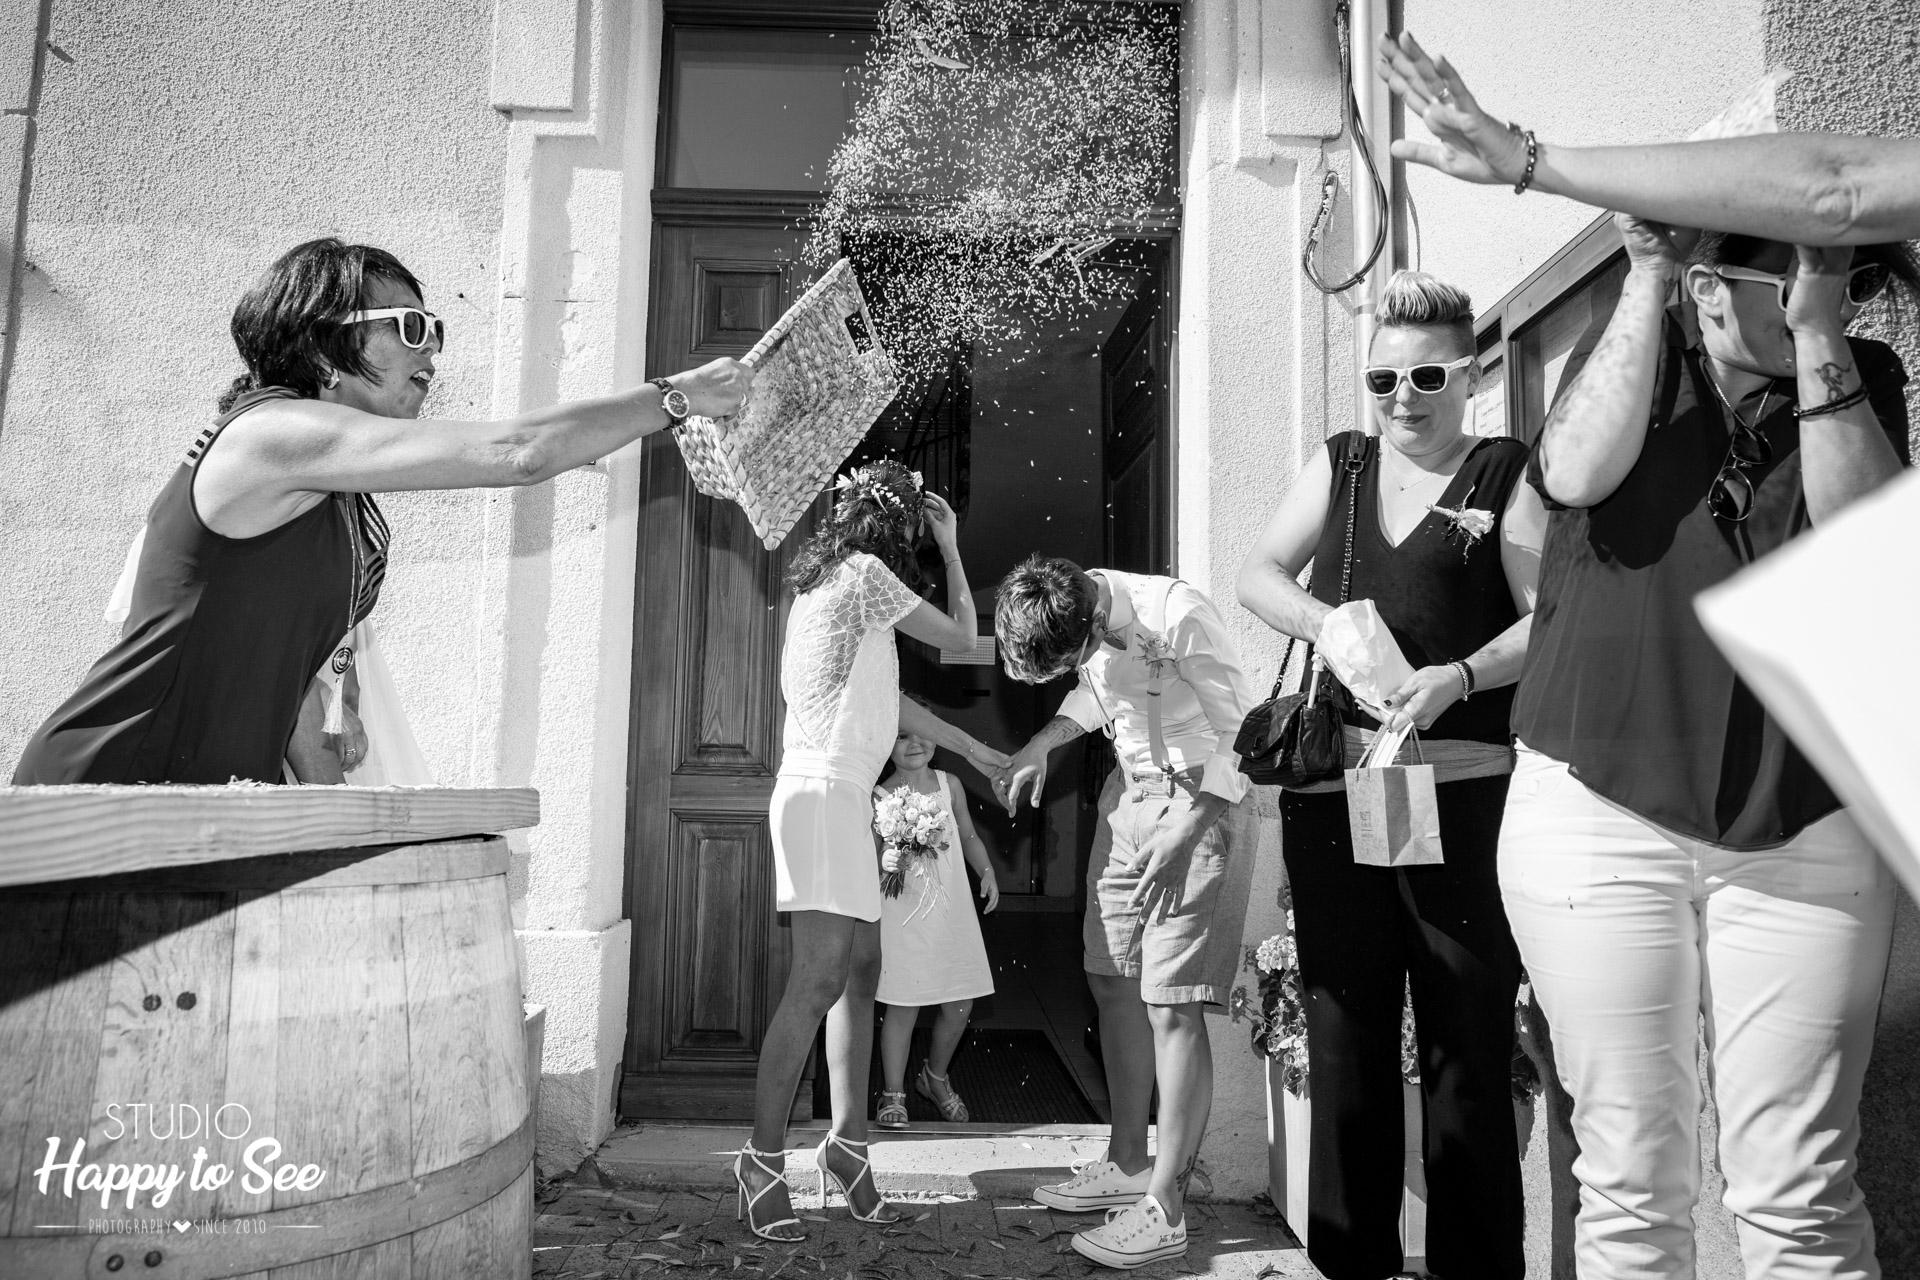 Photographe Mariage Lesbien Corbieres Carcassonne